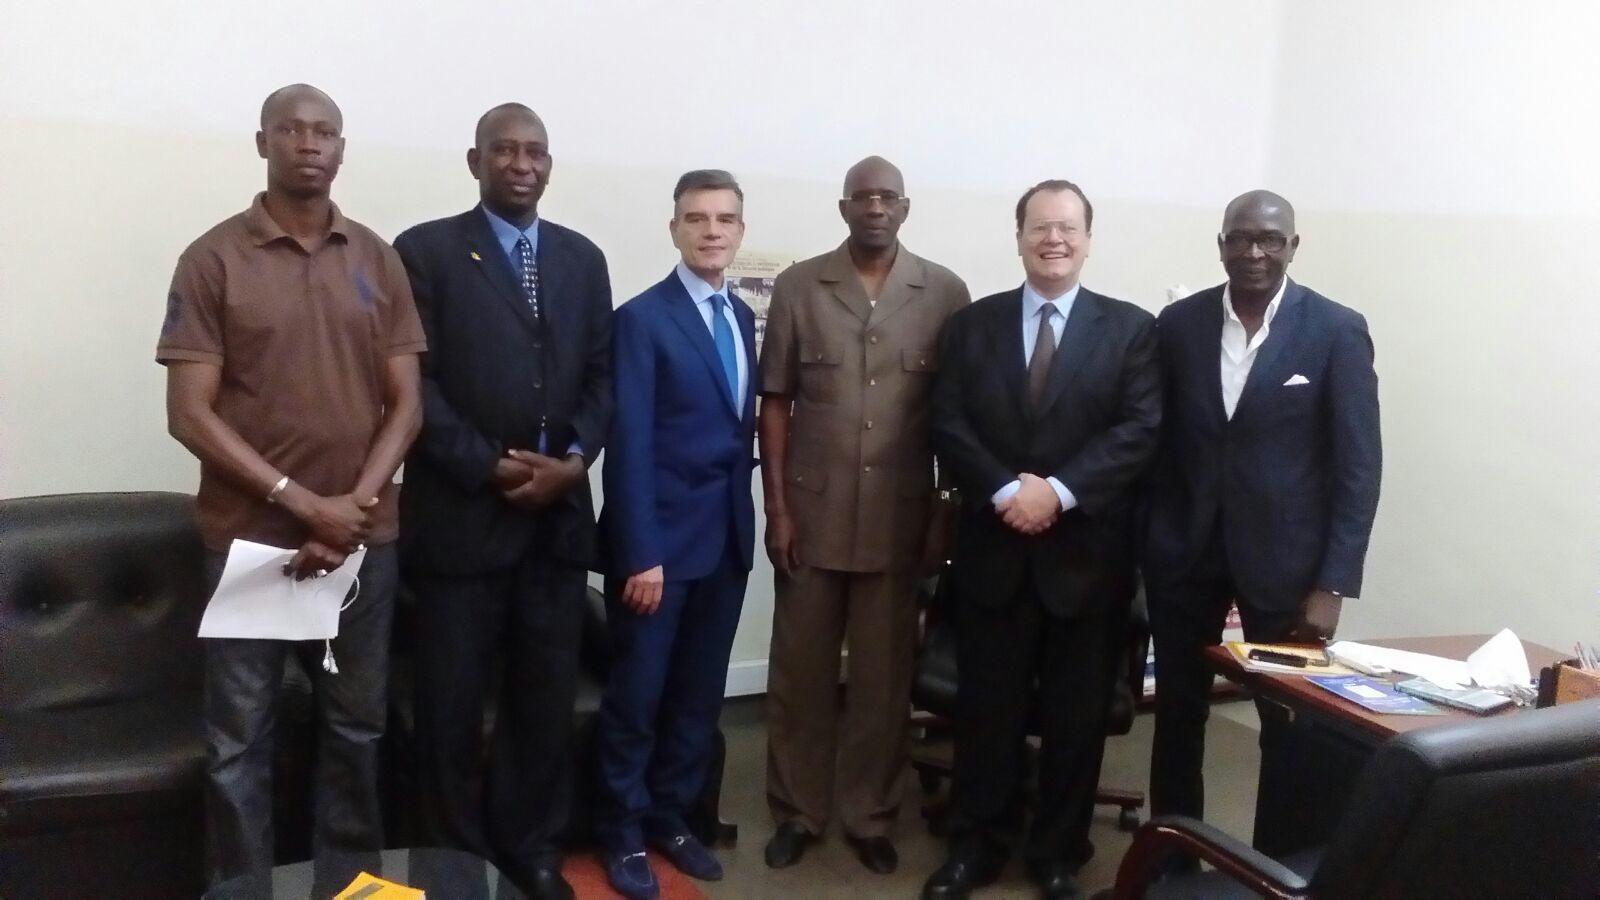 Narconon Sud Europa in visita ufficiale in Senegal